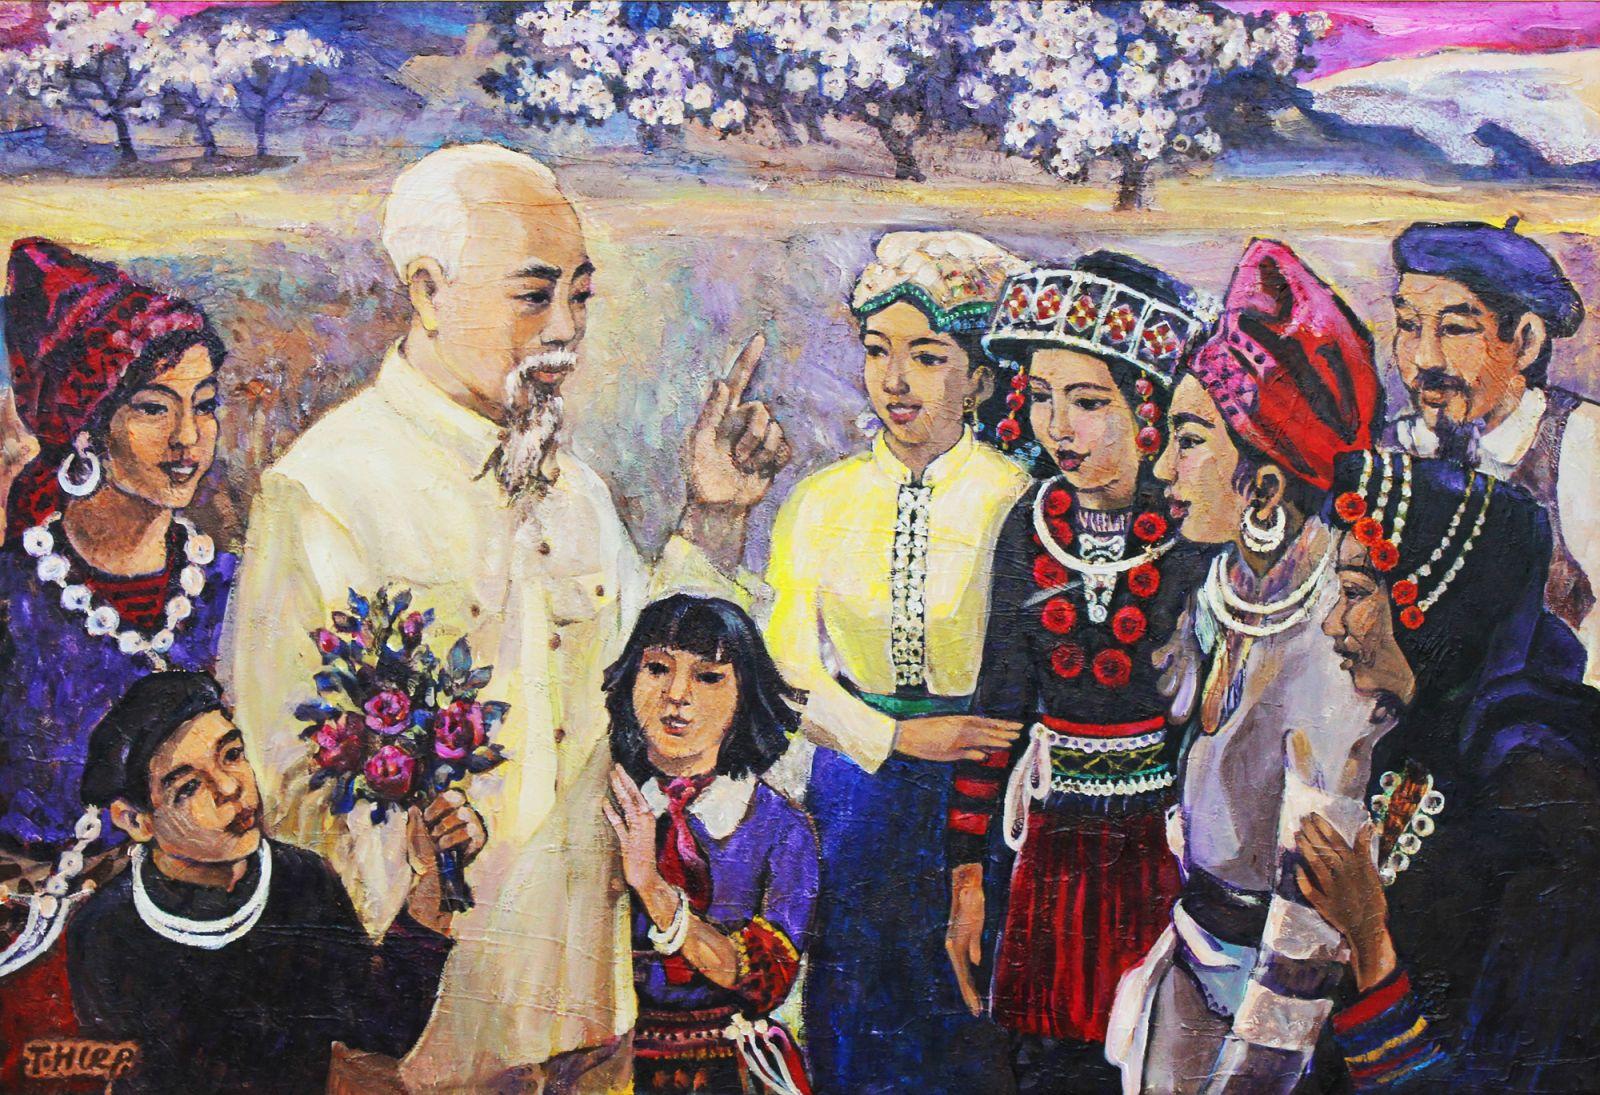 Hồ Chí Minh - Hiện thân của đổi mới; tư tưởng, đạo đức, phong cách của Người soi sáng sự nghiệp đổi mới của Đảng và nhân dân ta